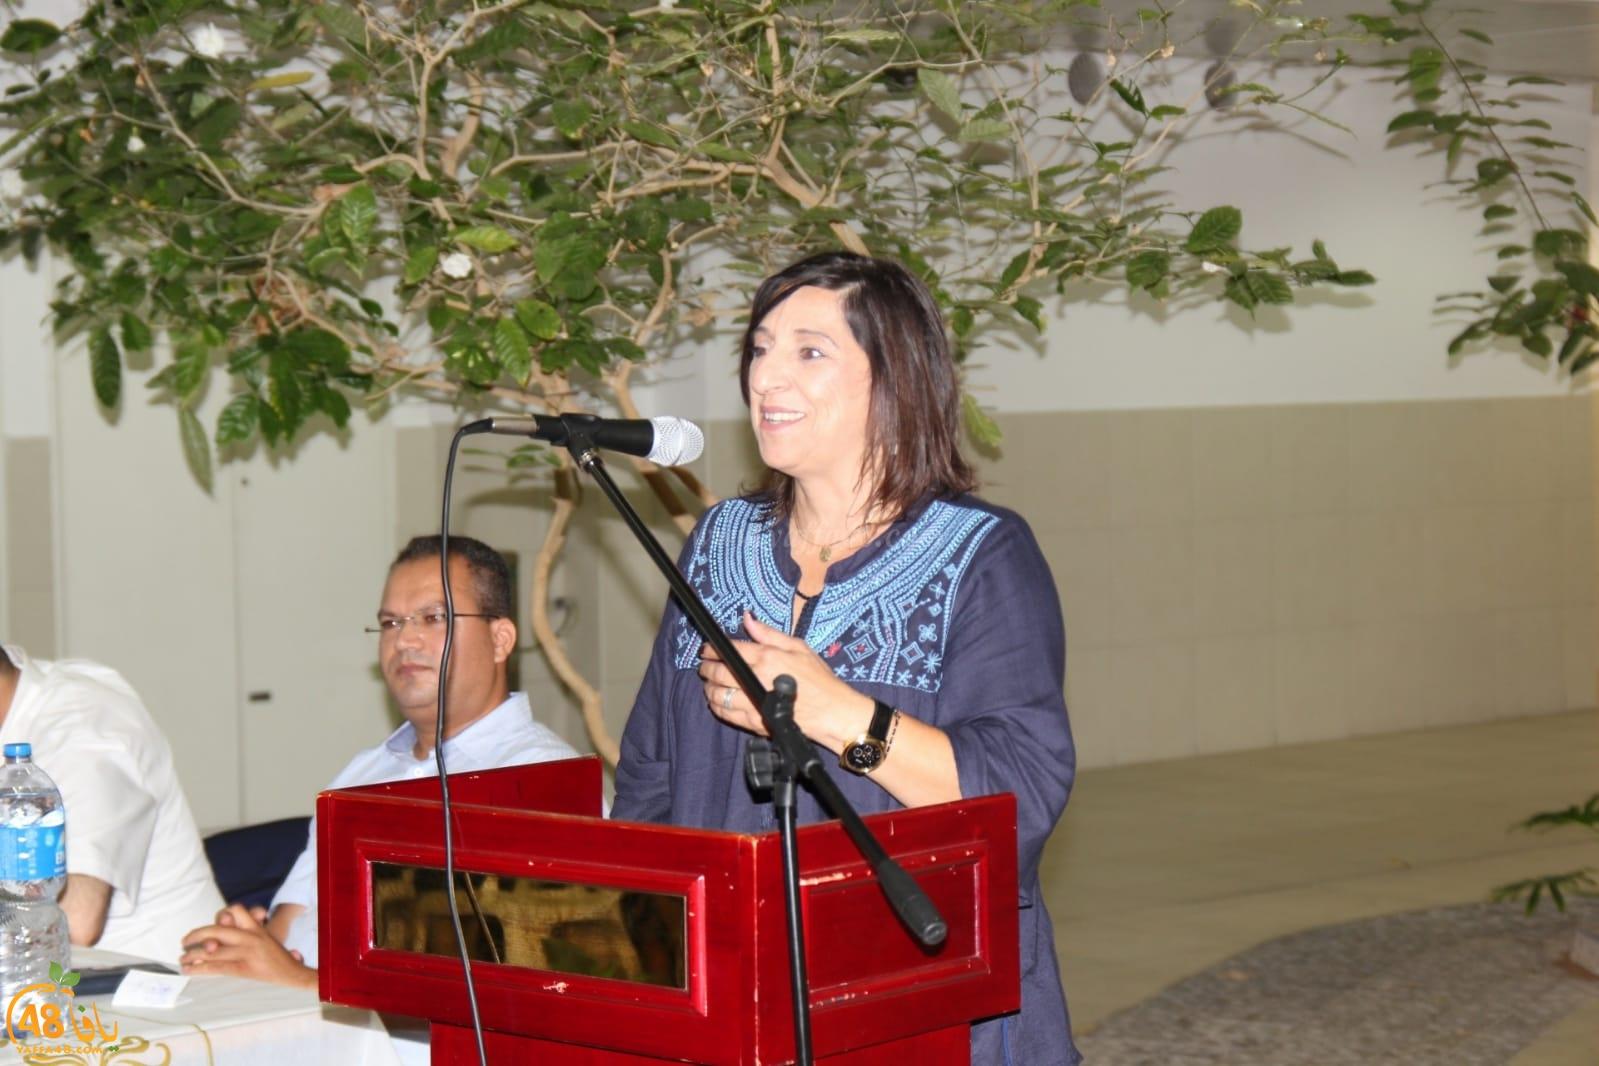 بالصور: محاضرة توعوية حول قانون القومية في مدرسة أجيال الثانوية بيافا